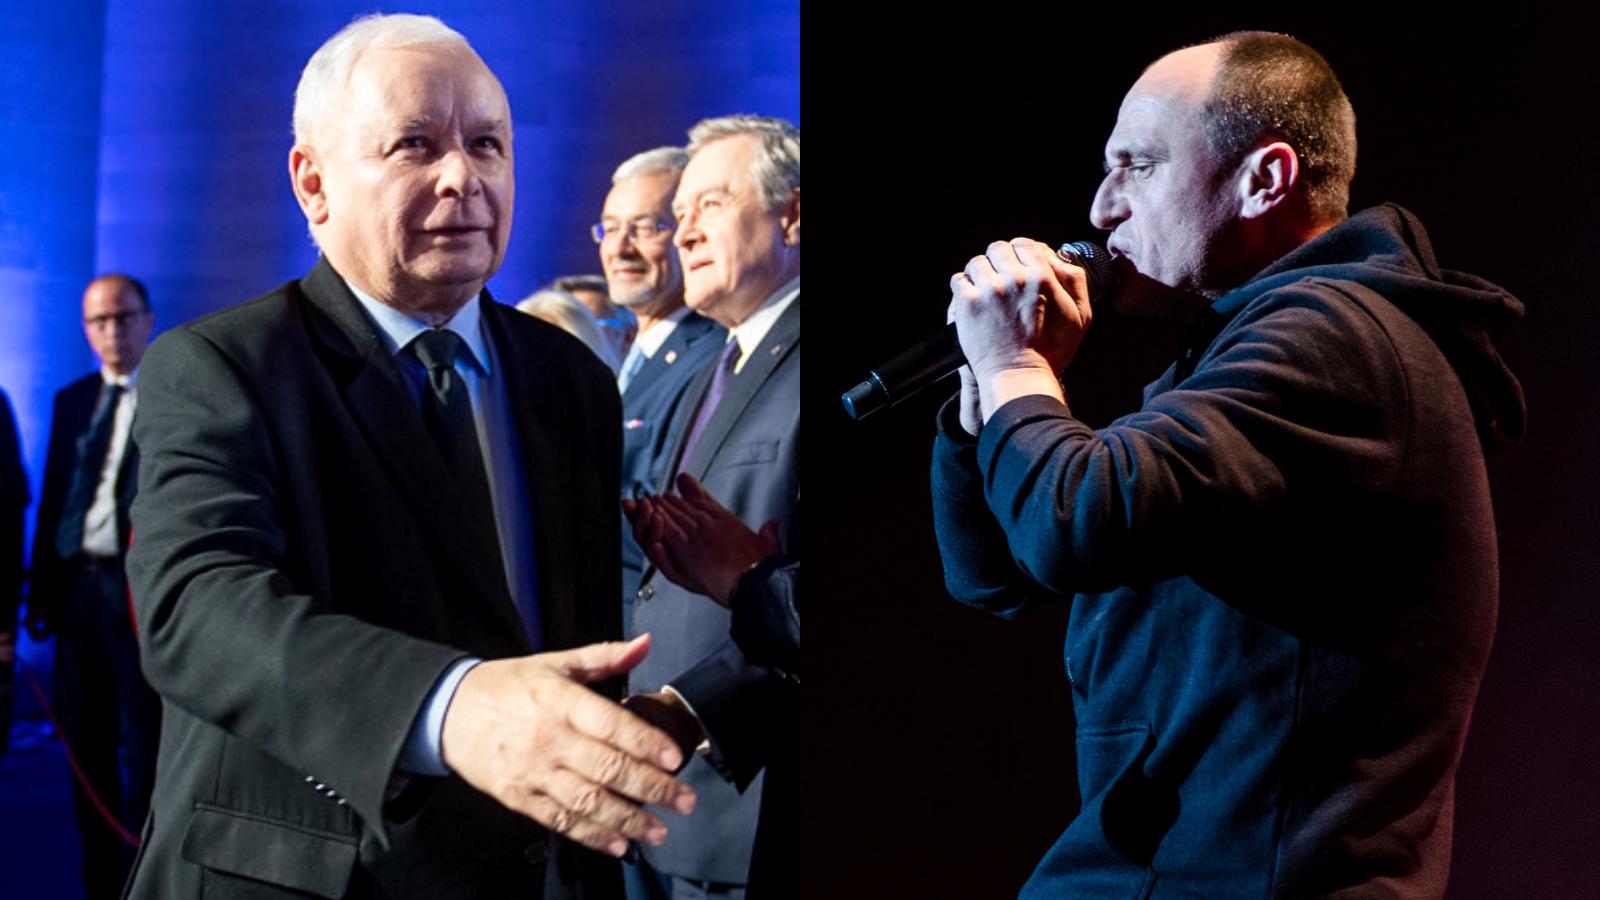 Kukiz stawia ultimatum Kaczyńskiemu. Kiedy polityk się wyłamie z umowy z PiS-em?